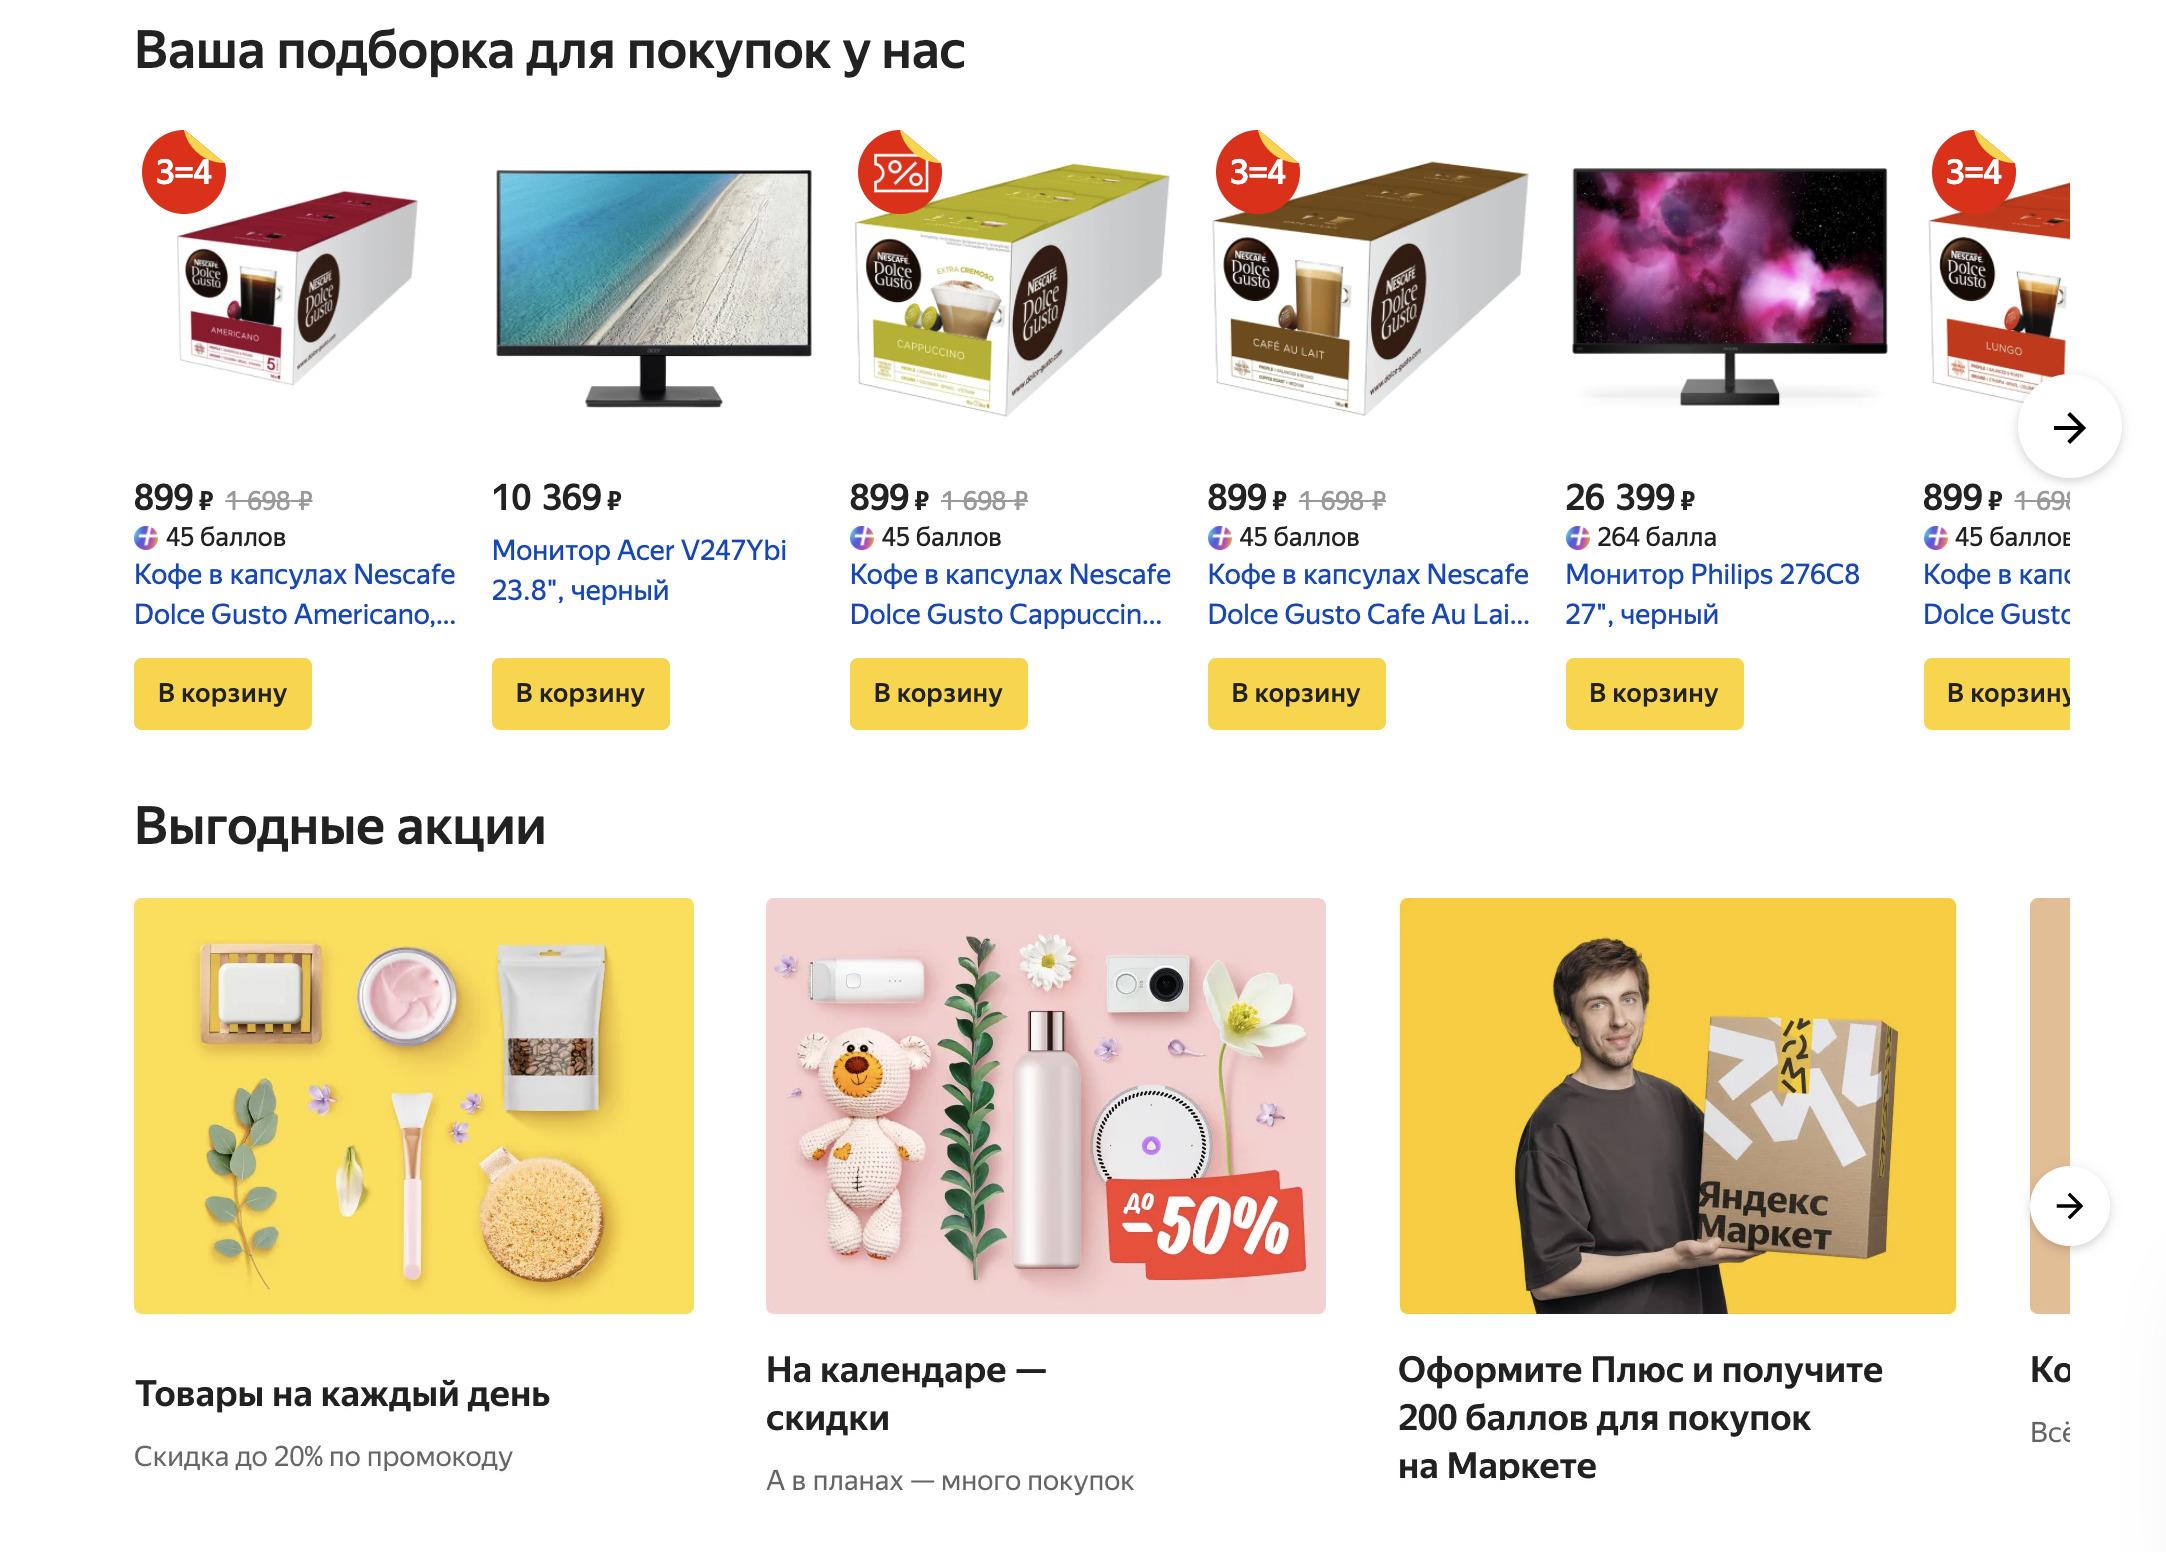 Доставка из Яндекс.Маркет в Иваново, сроки, пункты выдачи, каталог